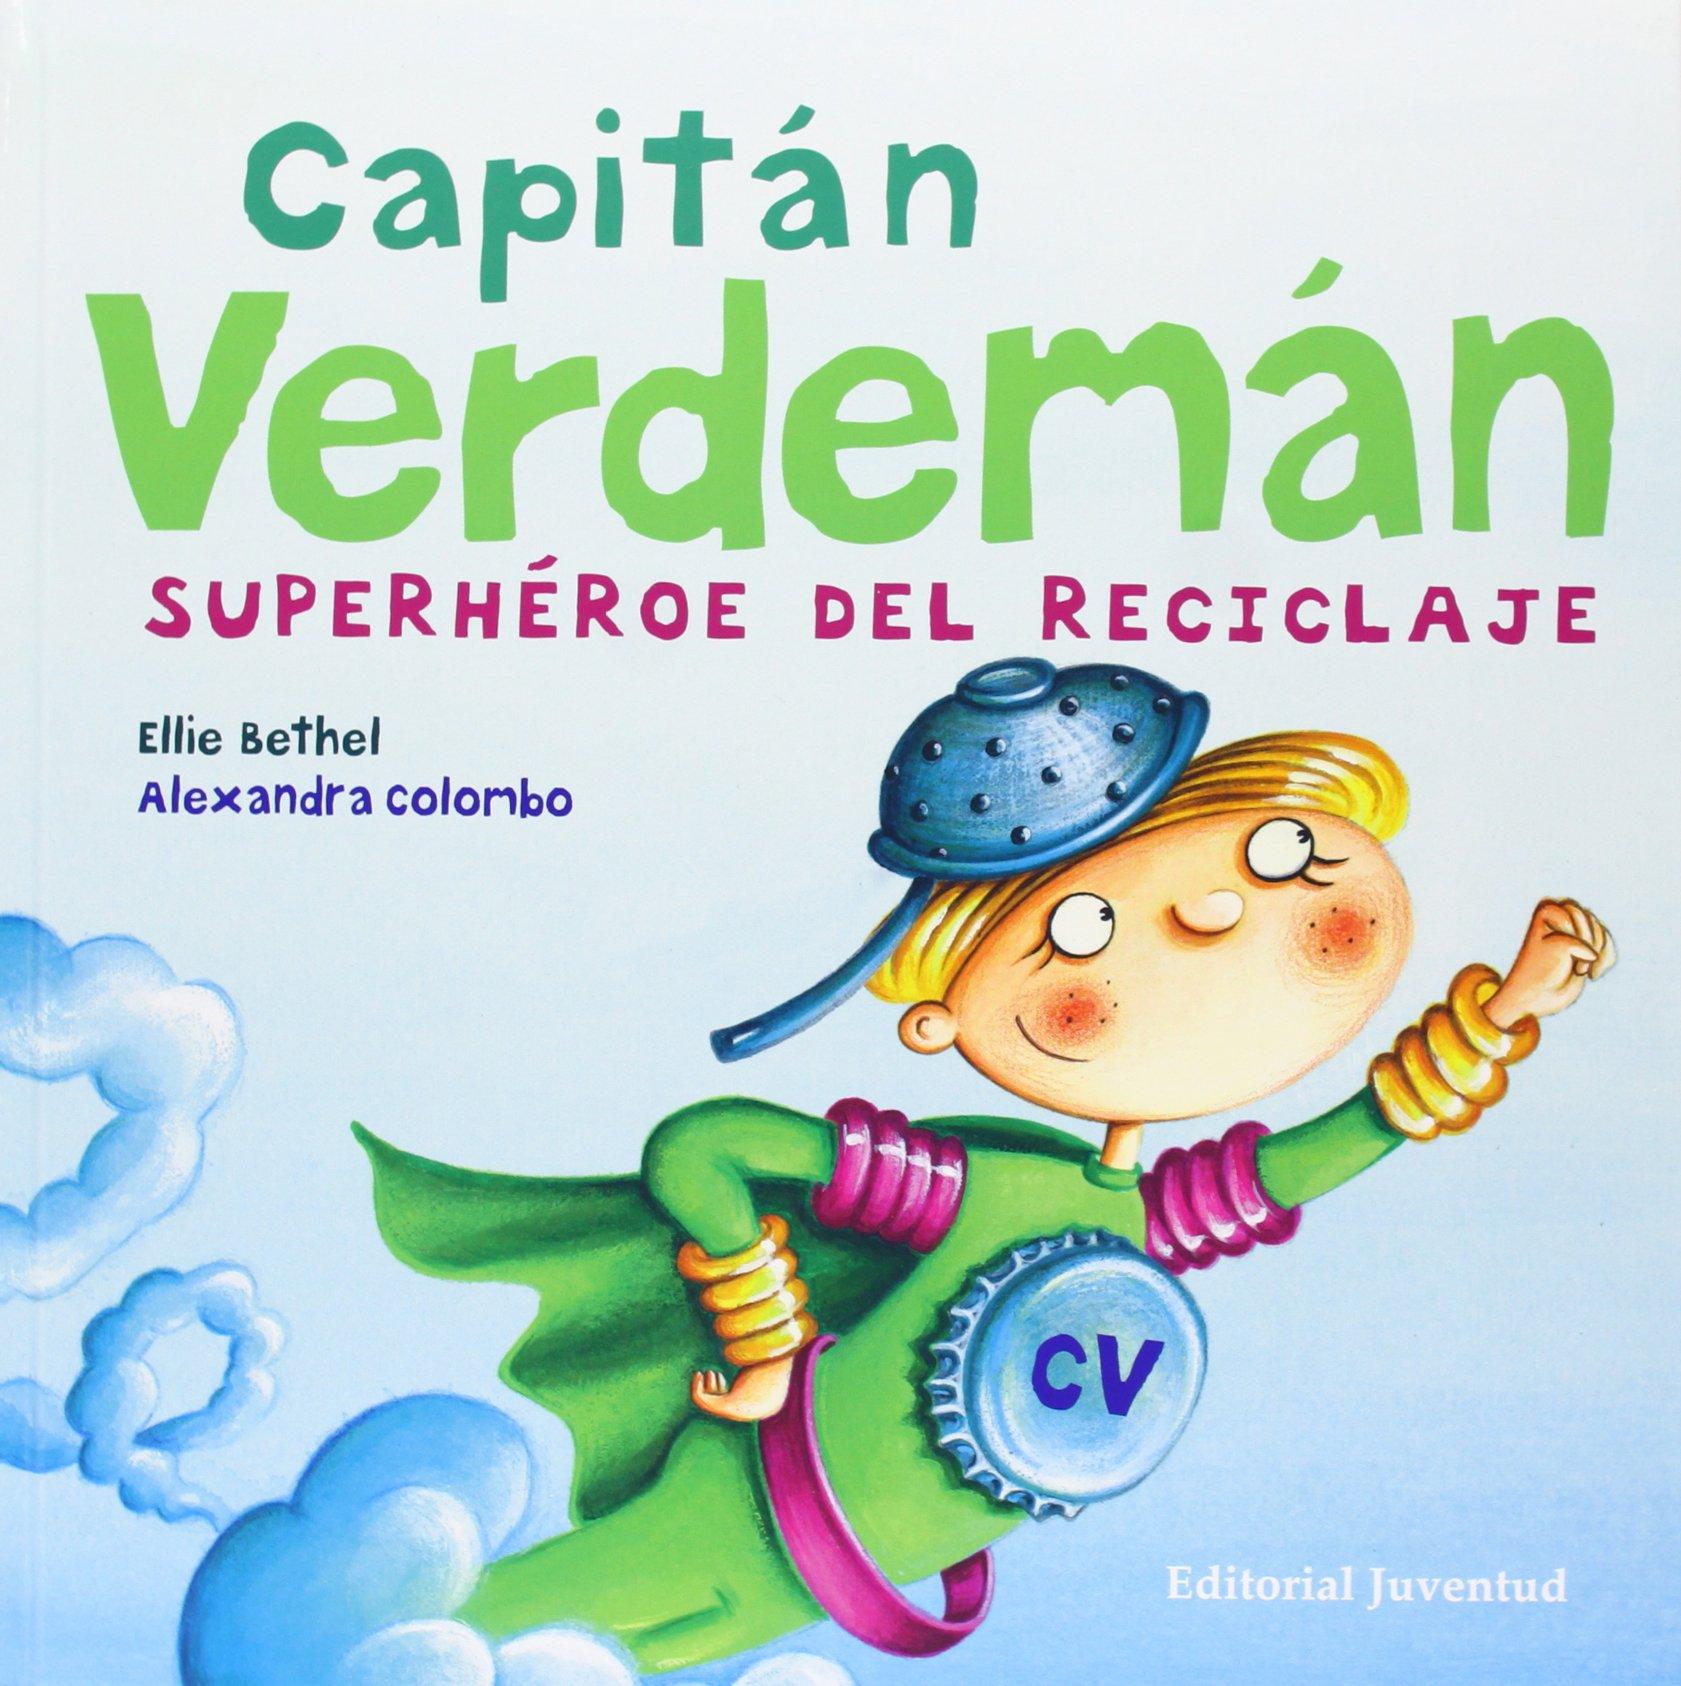 Download Capitan Verdeman/Captain Verdeman: Superheroe del Reciclaje/Recycling Superhero (Spanish Edition) ebook